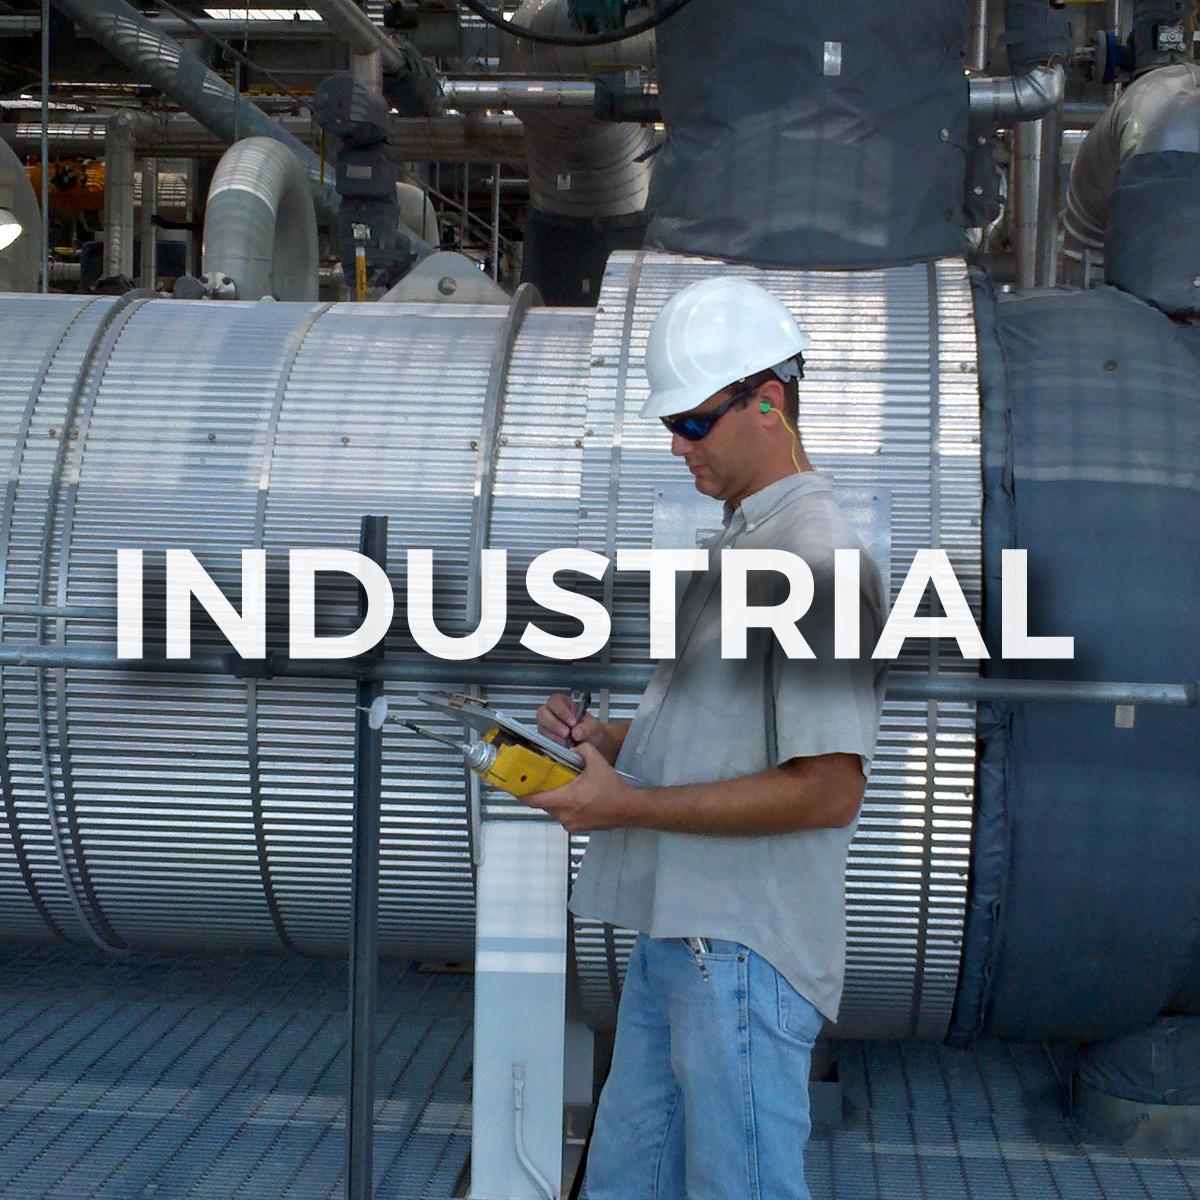 Industrialbox.jpg